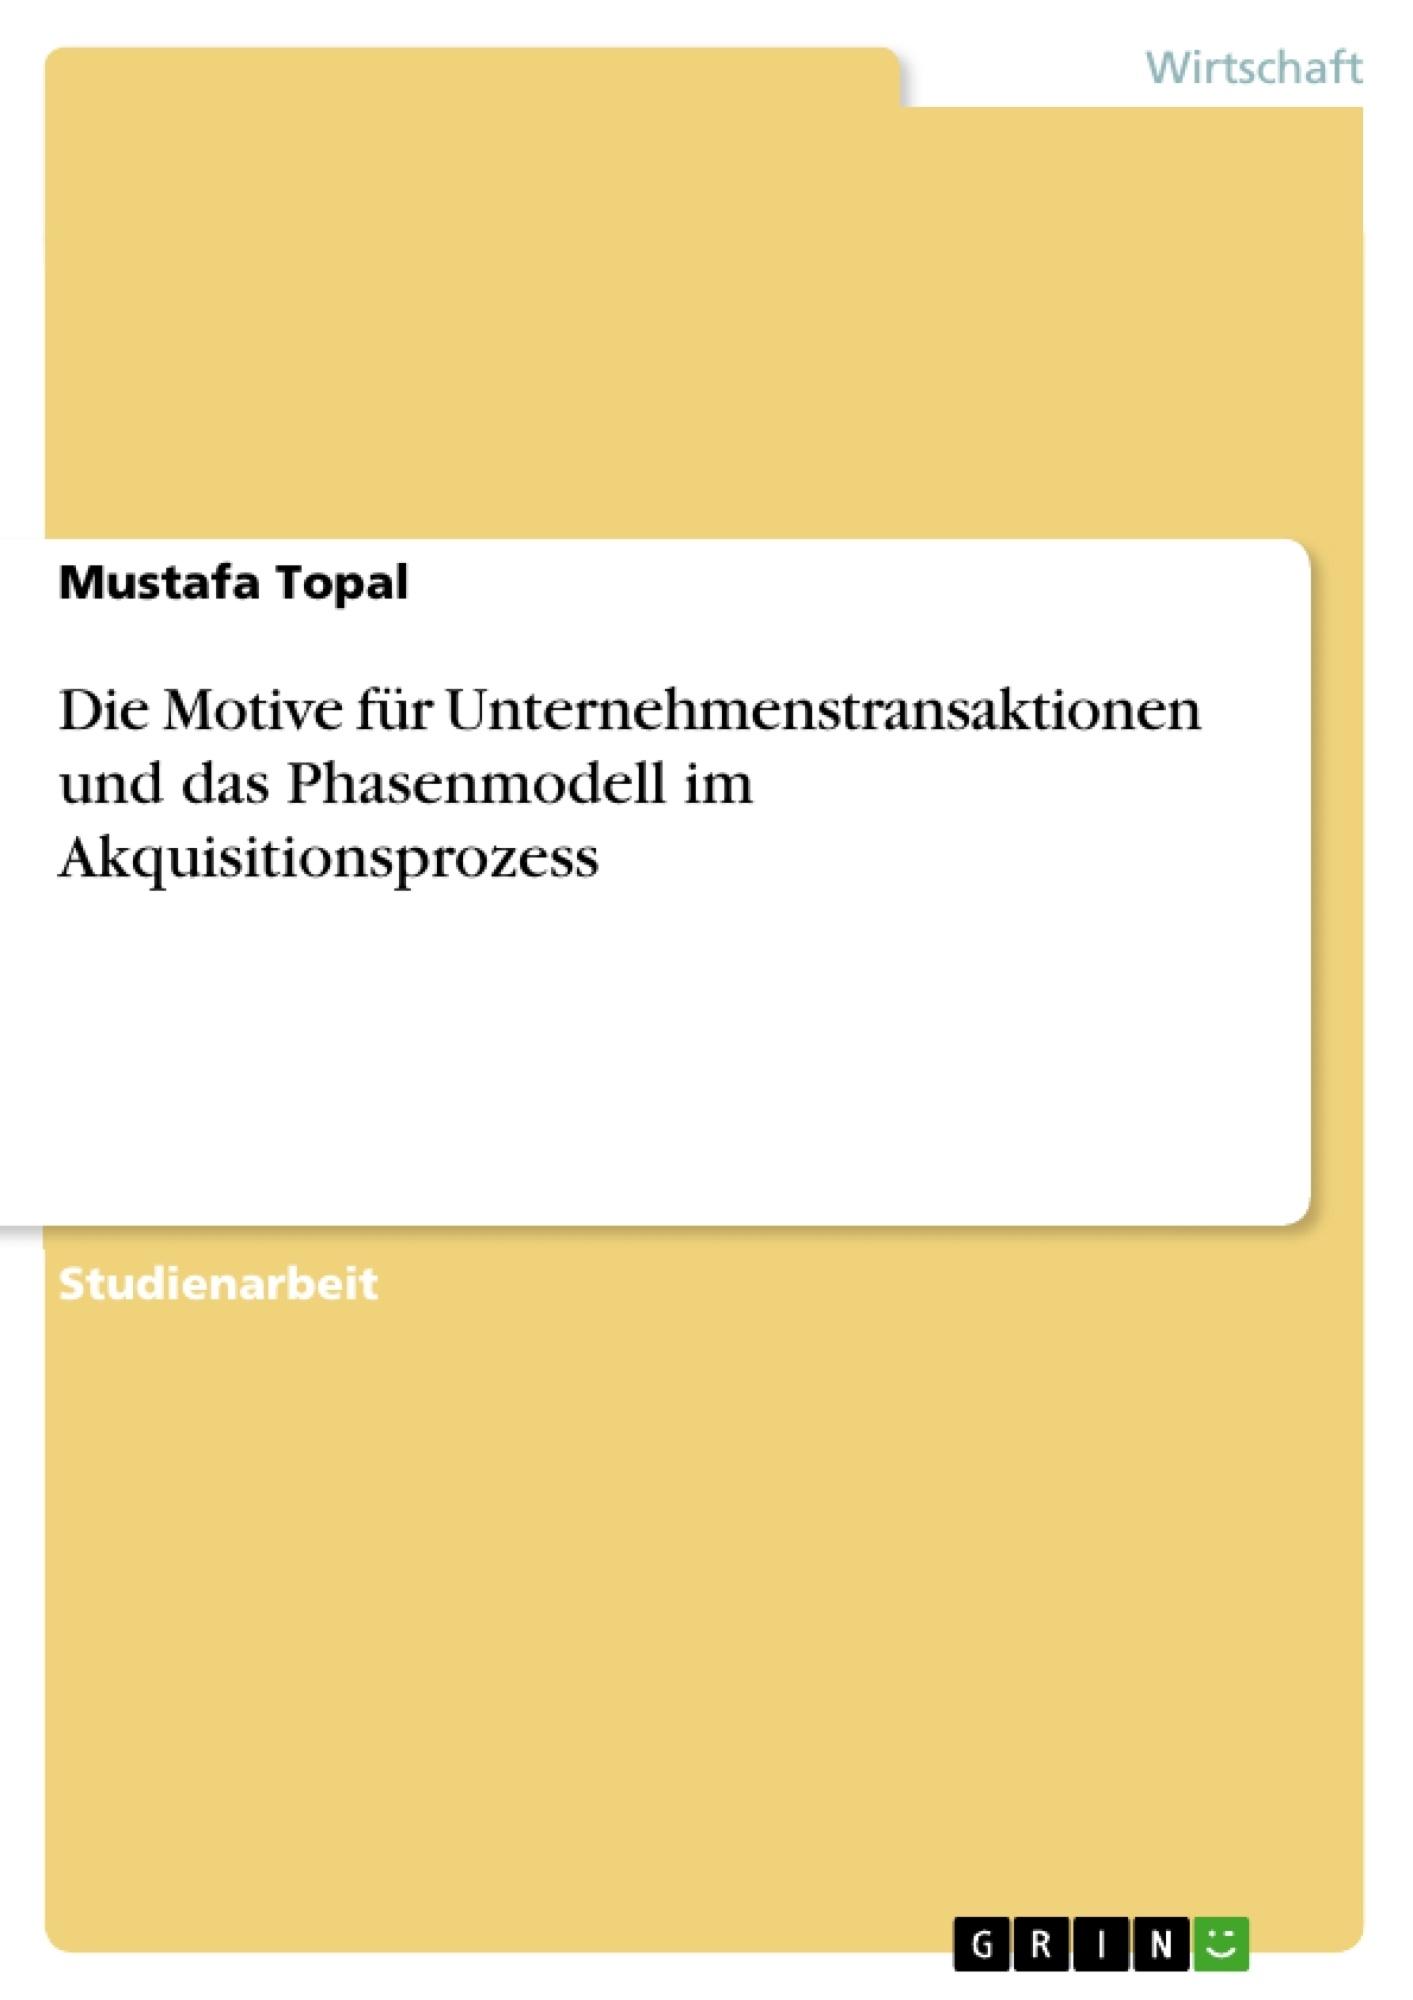 Titel: Die Motive für Unternehmenstransaktionen und das Phasenmodell im Akquisitionsprozess